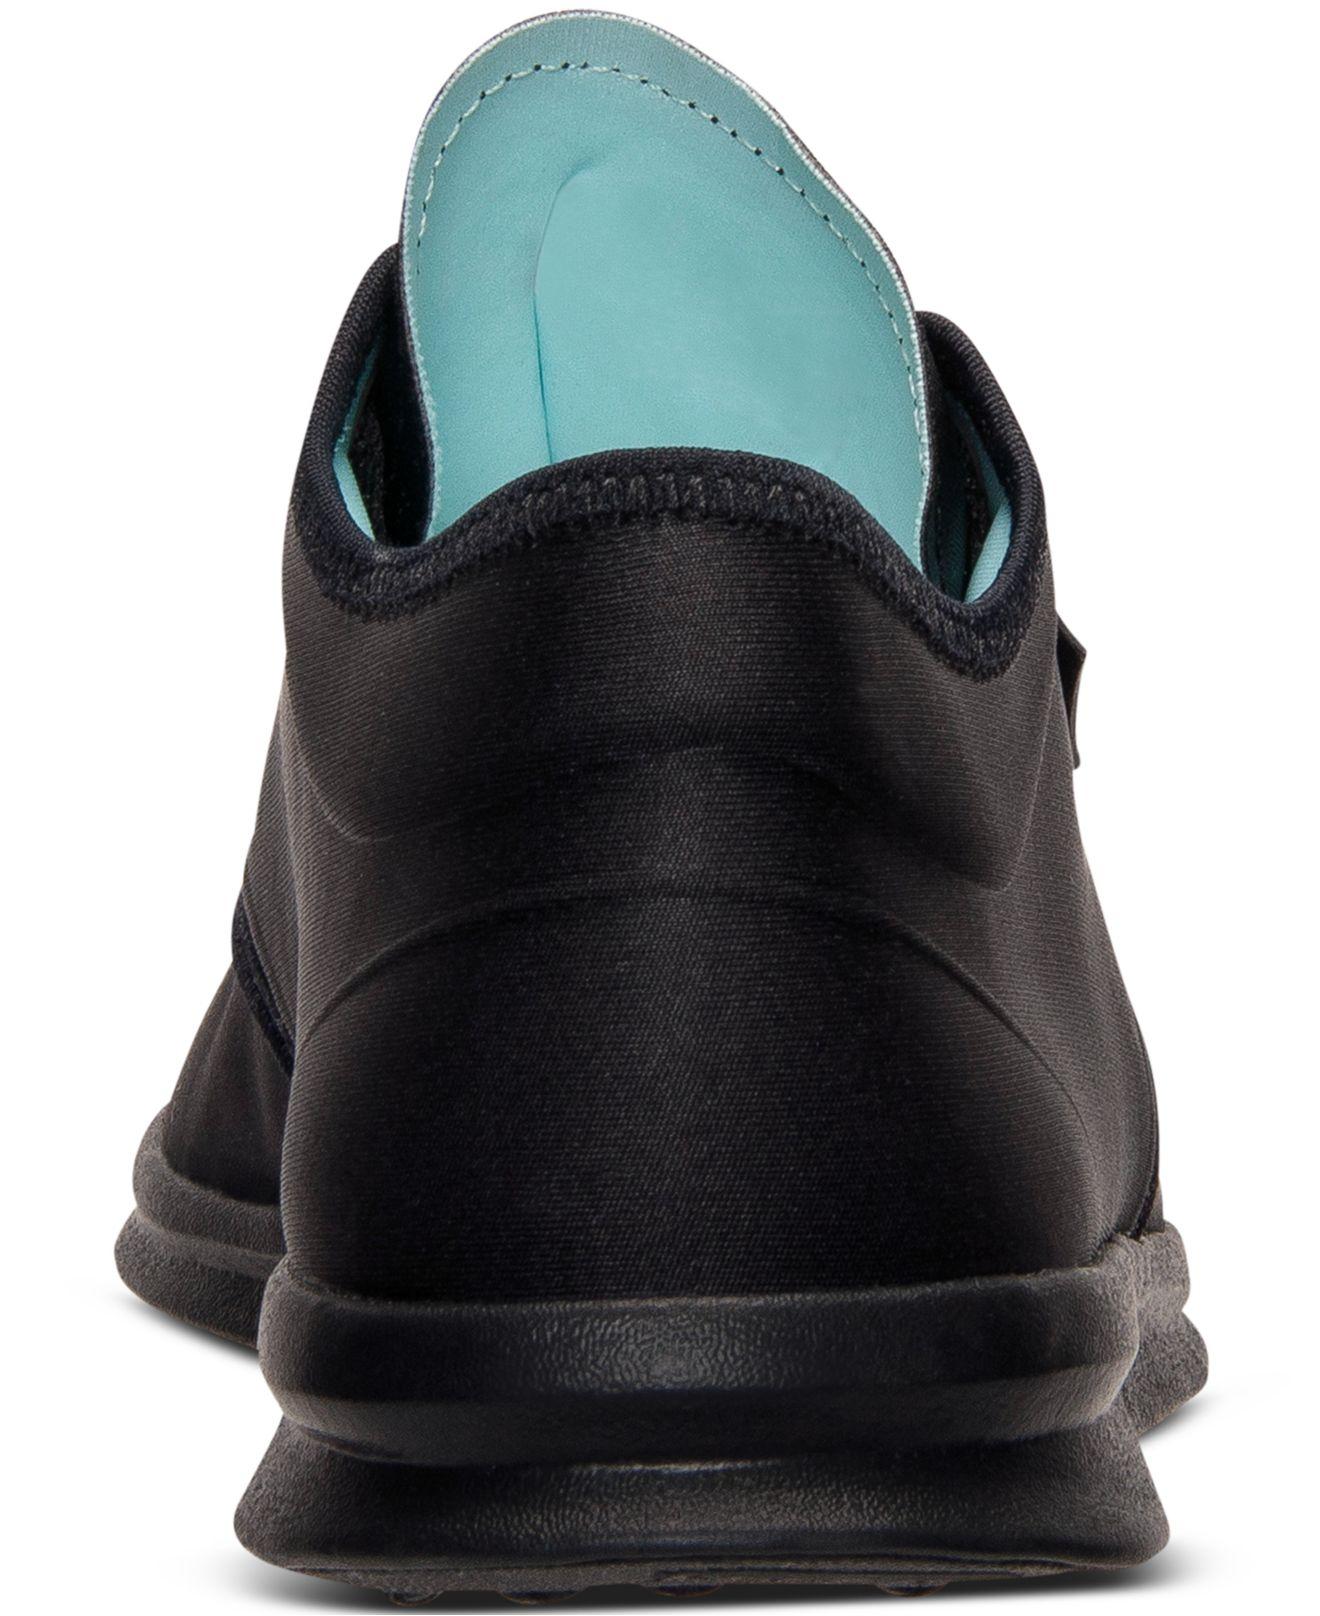 6a3e1d97b00 Lyst - Reebok Women s Skyscape Runaround Walking Sneakers From ...